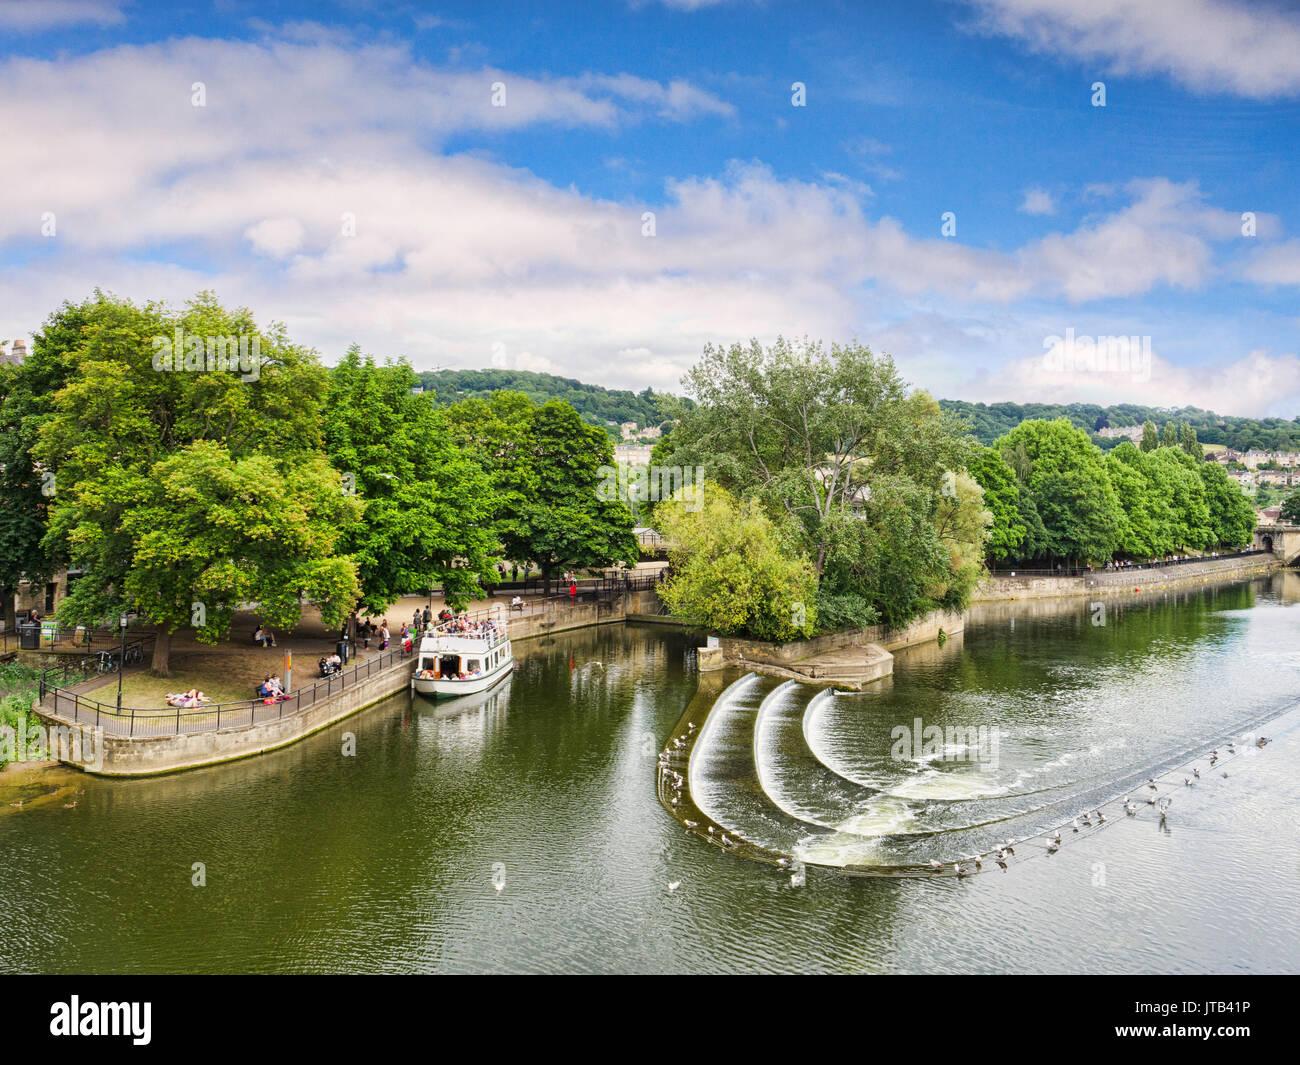 8 Luglio 2017: bagno, Somerset, Inghilterra, Regno Unito - Pulteney Weir, una delle attrazioni della città e un piacere imbarcazione attraccata nelle vicinanze. Immagini Stock